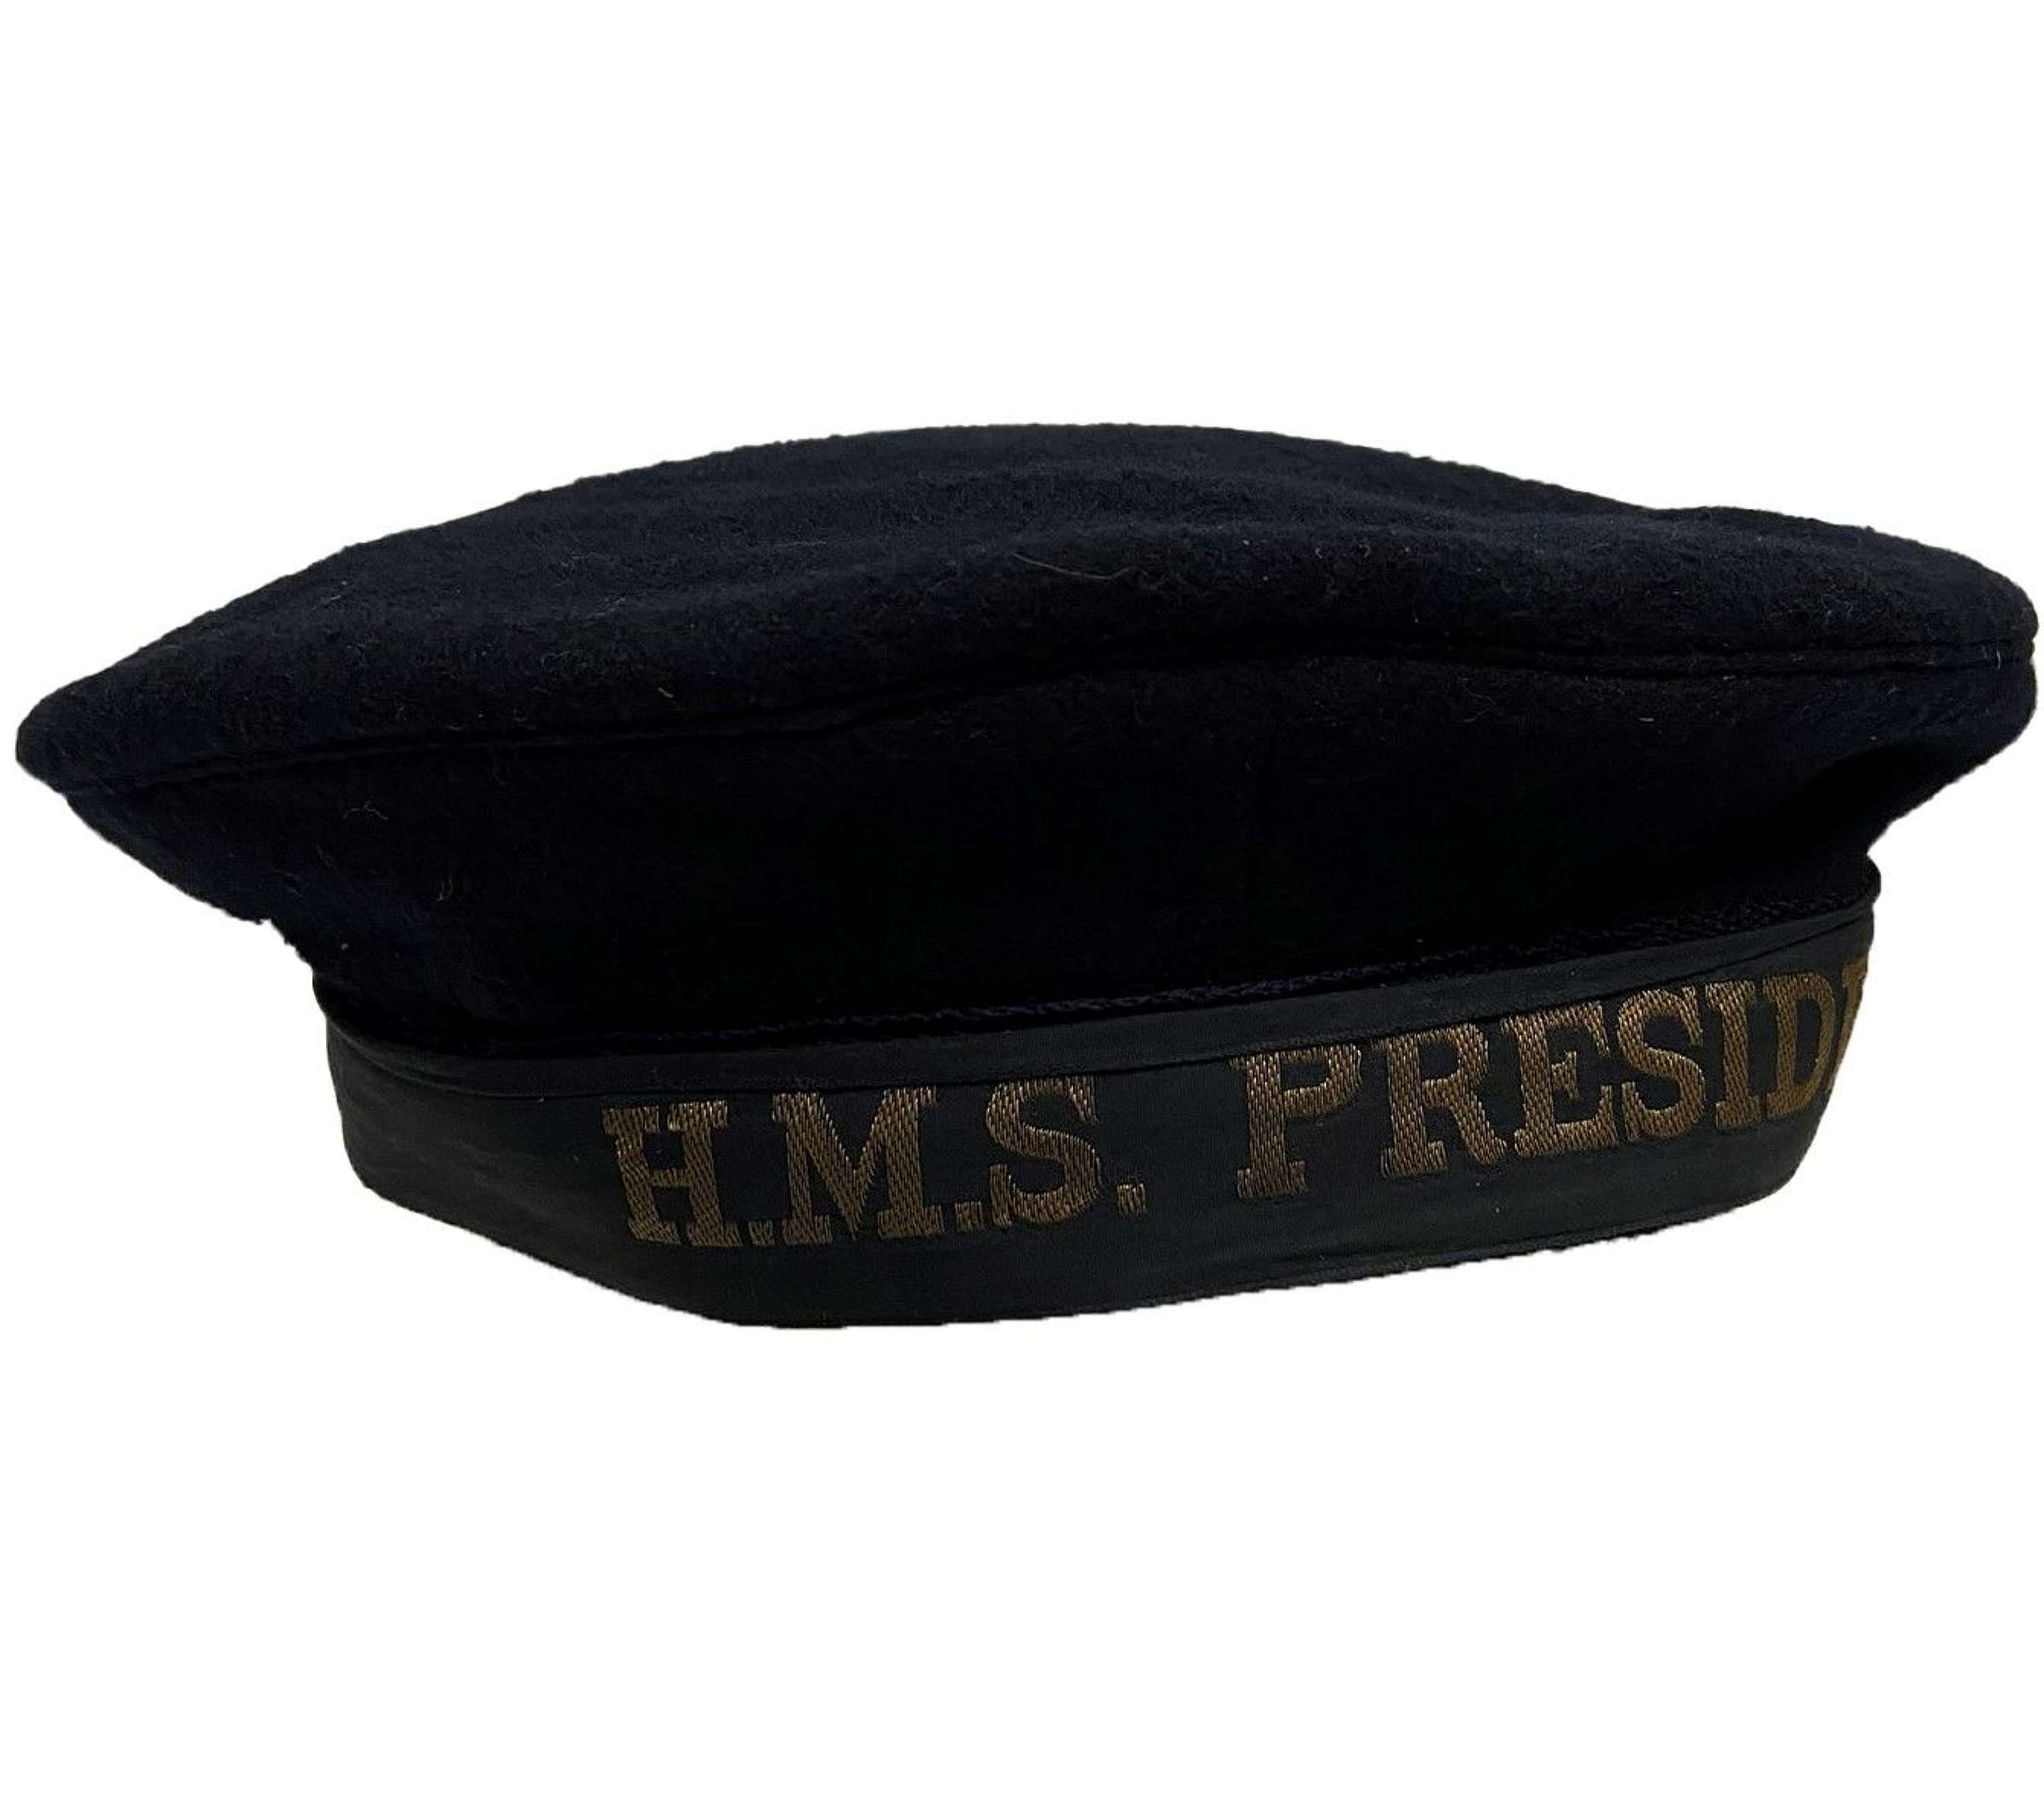 Scarce Original 1944 Dated W.R.N.S Ratings Cap - HMS President